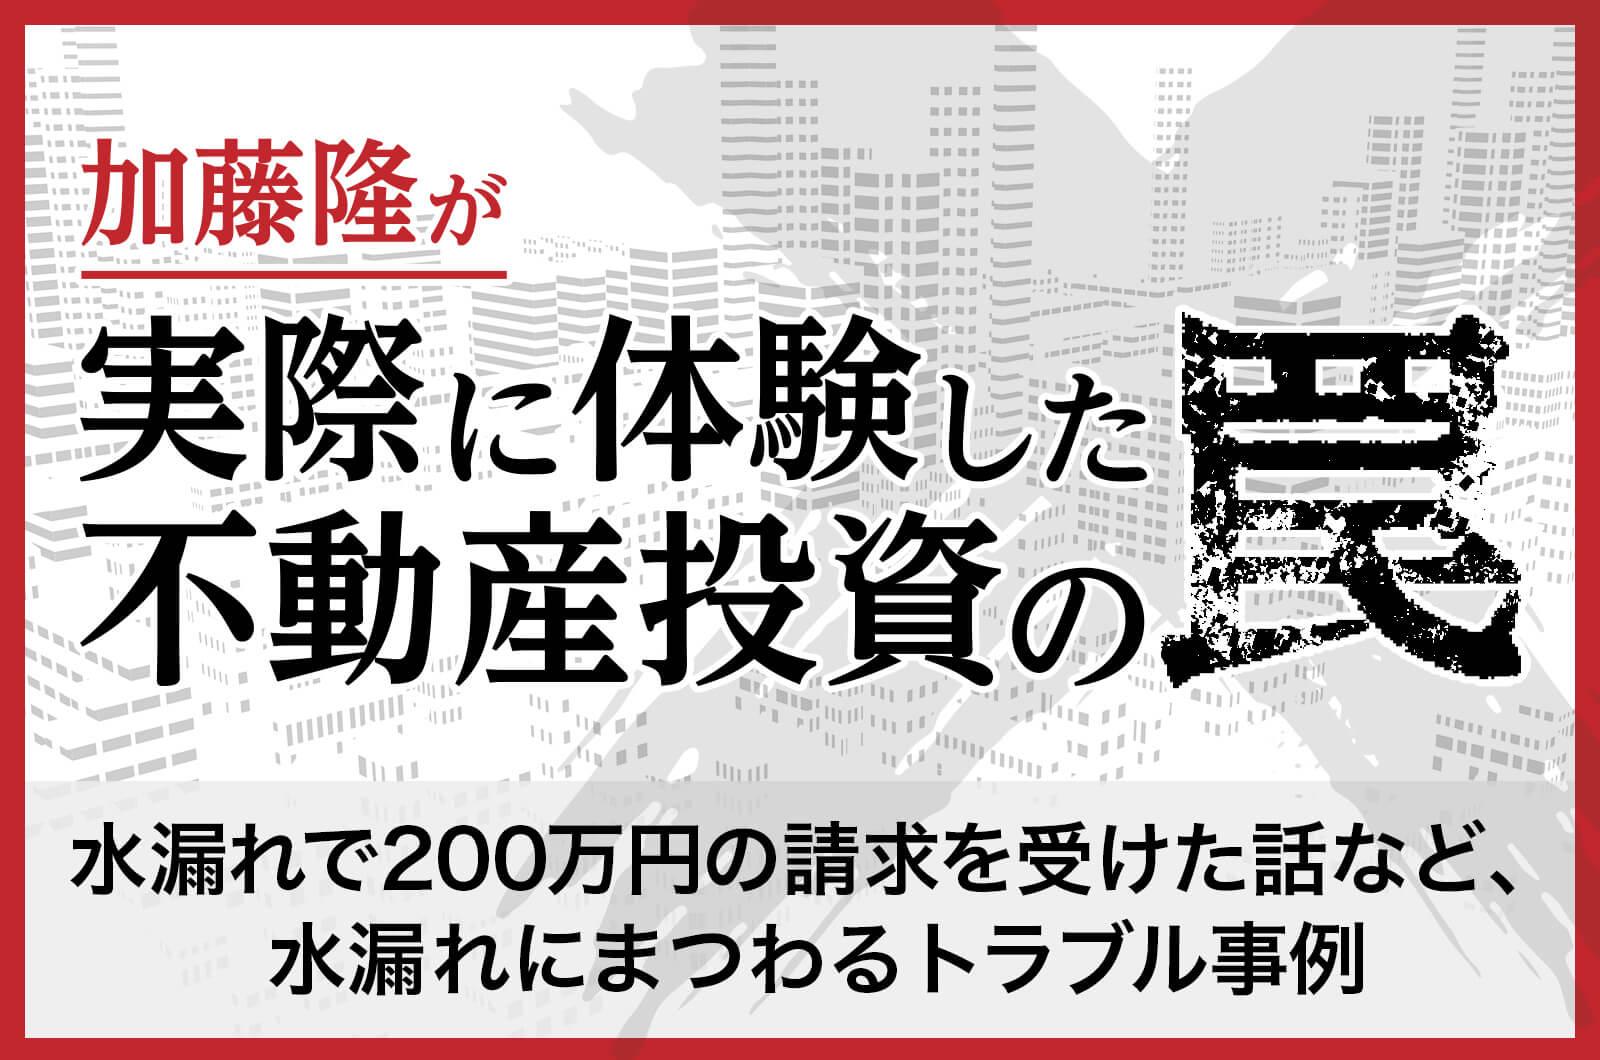 水漏れで200万円の請求を受けた話など、水漏れにまつわるトラブル事例